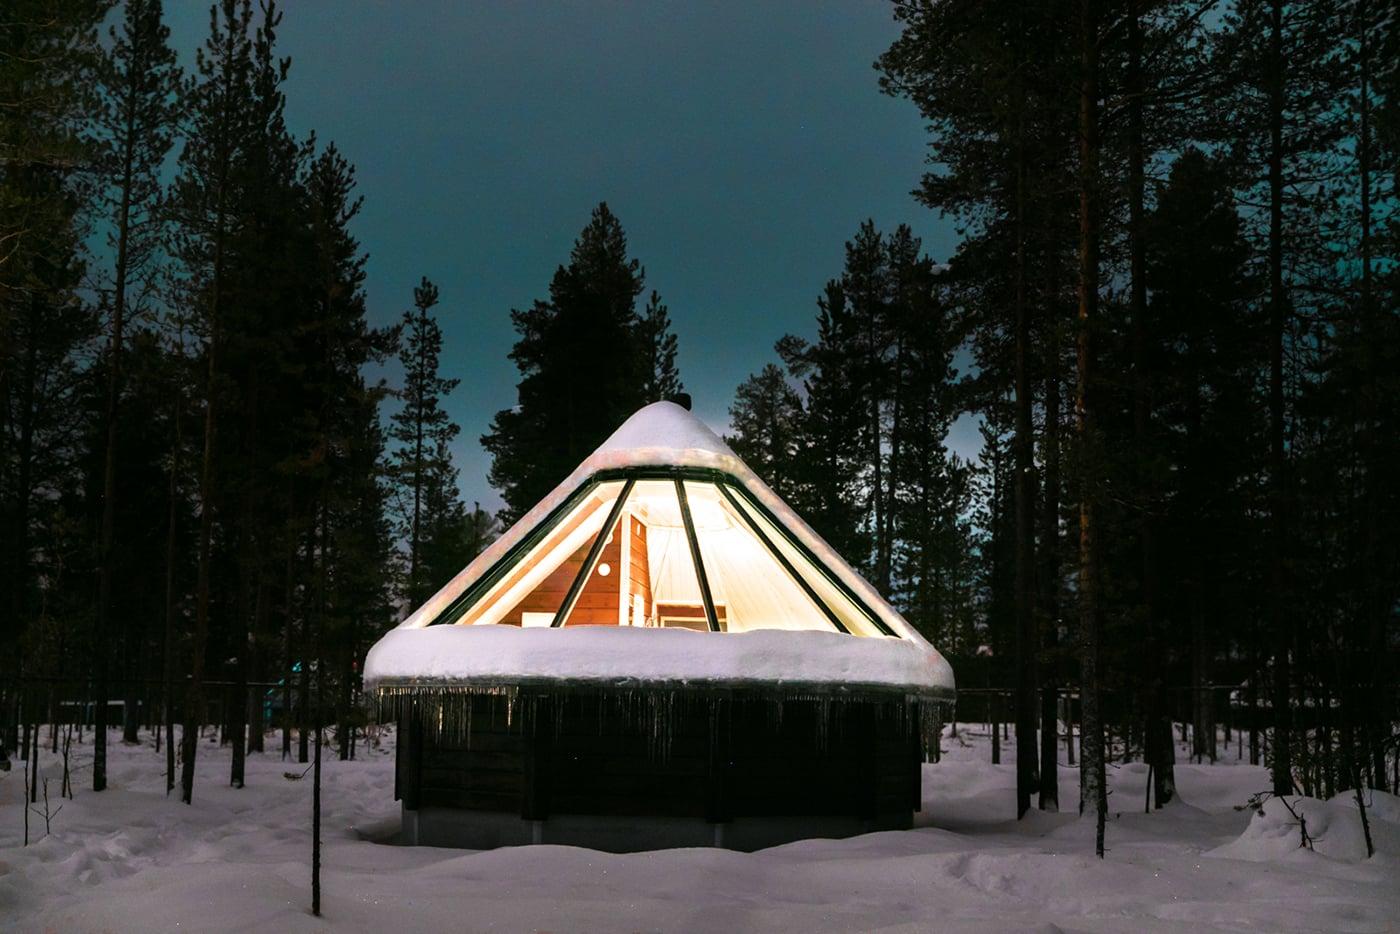 ID5A5261 - Récap de notre voyage en Laponie Finlandaise